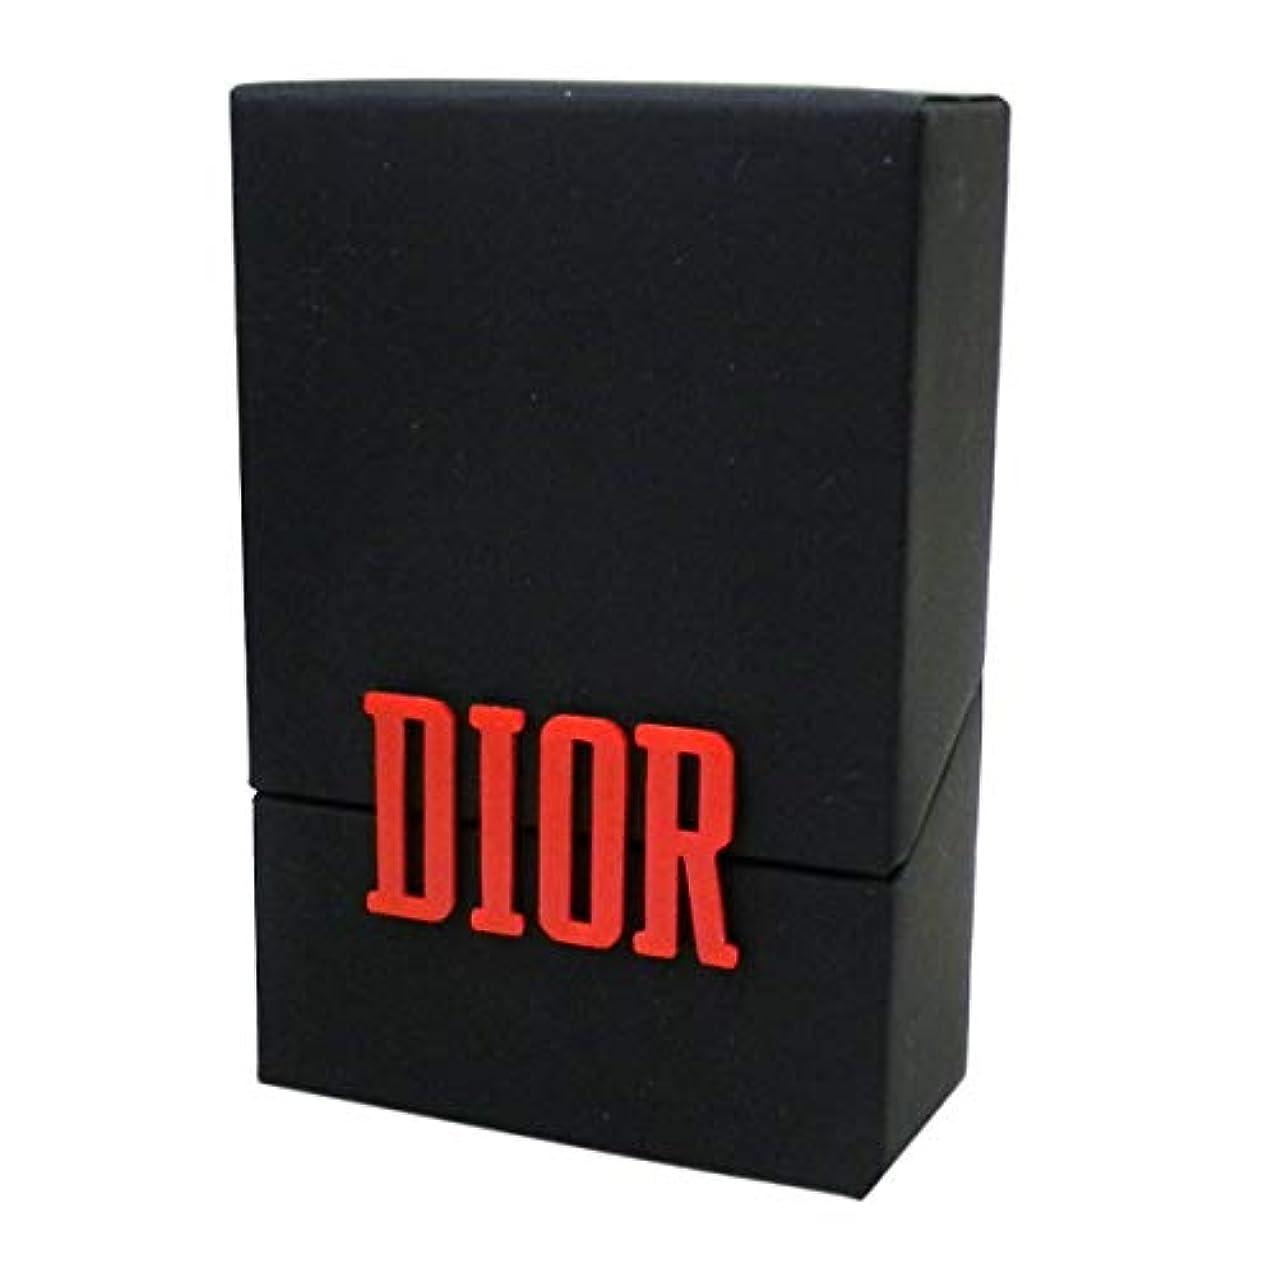 用心する不完全なジャズDior ディオール リップルージュ#999 リップ ポーチ ギフト 化粧 メイク 赤 レッド 口紅 携帯 持ち運び 箱 ボックス 2本セット セット コスメ